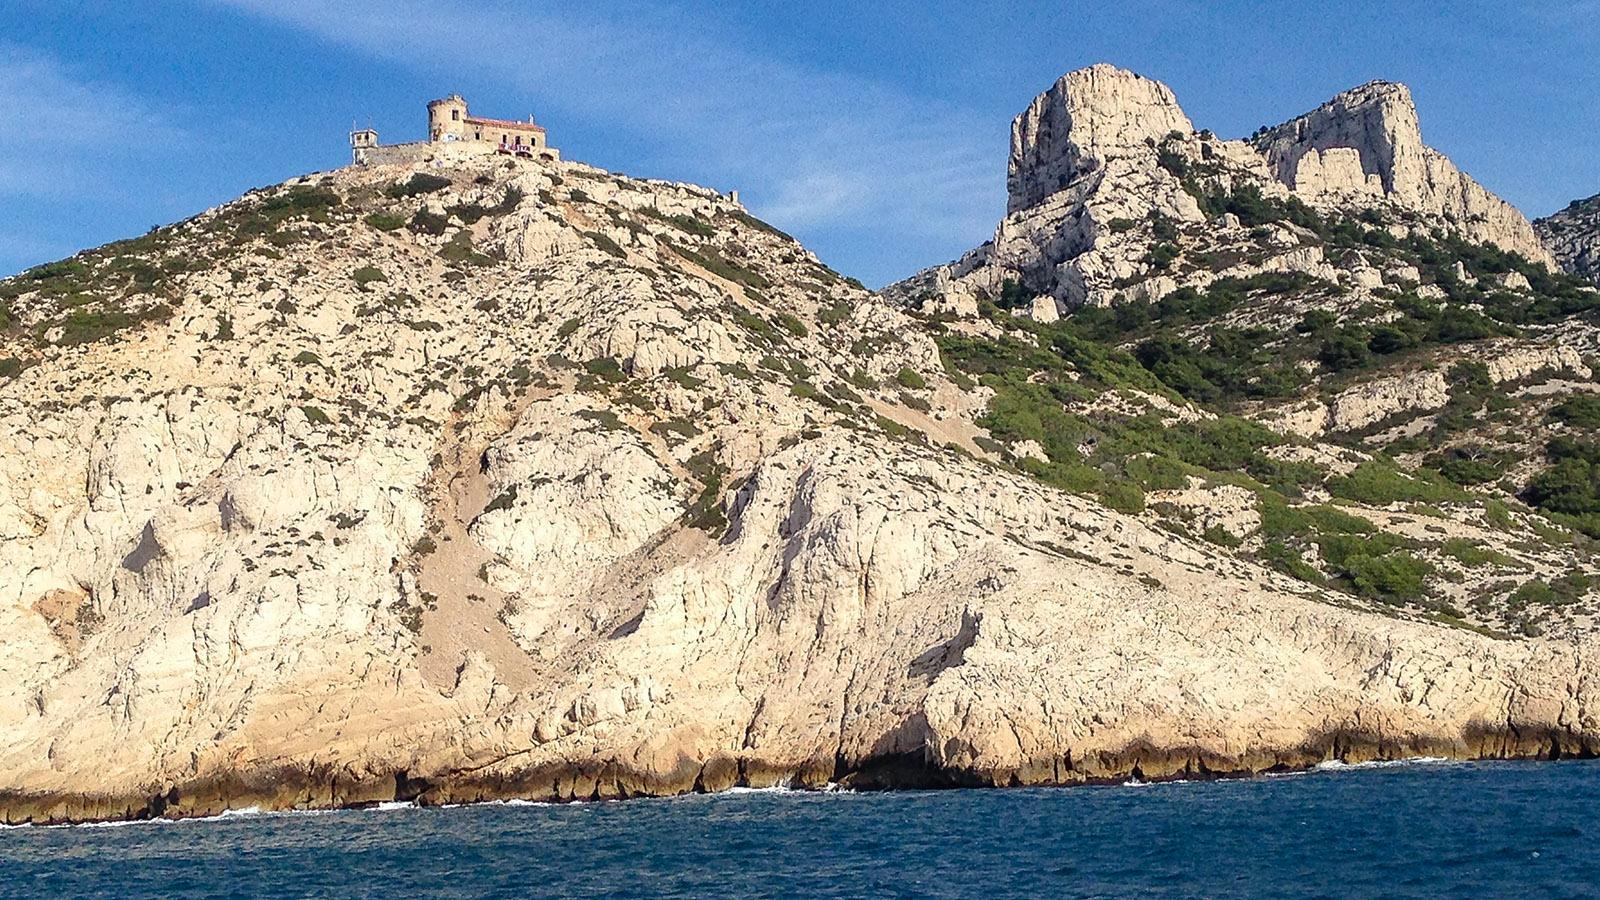 Calanques de Marseille: Saint-Julien-des-Goudes. Foto: Hilke Maunder